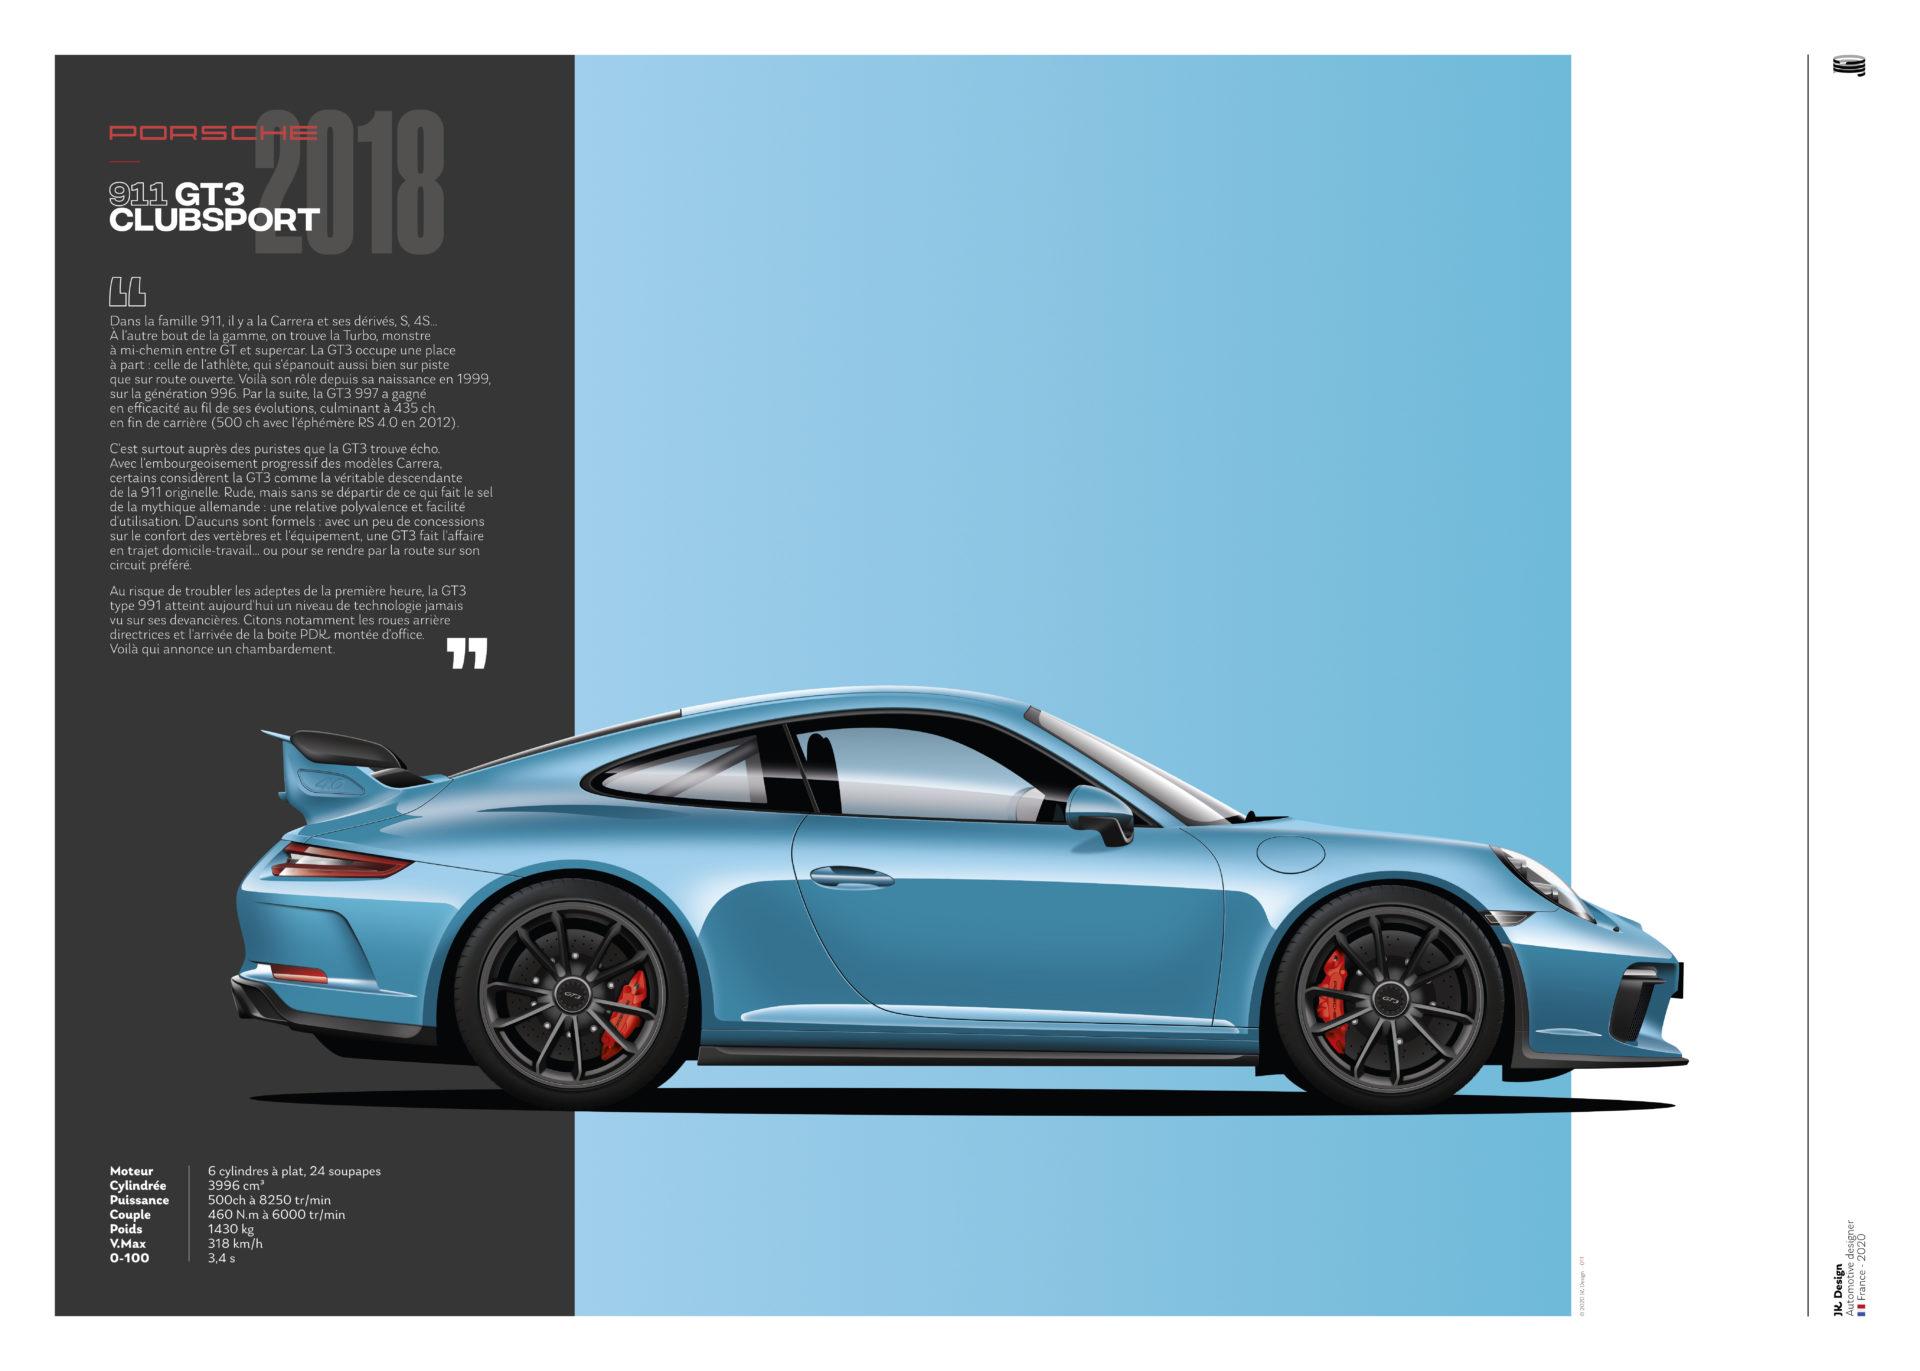 Jk Design - Porsche 911 GT3 - 01